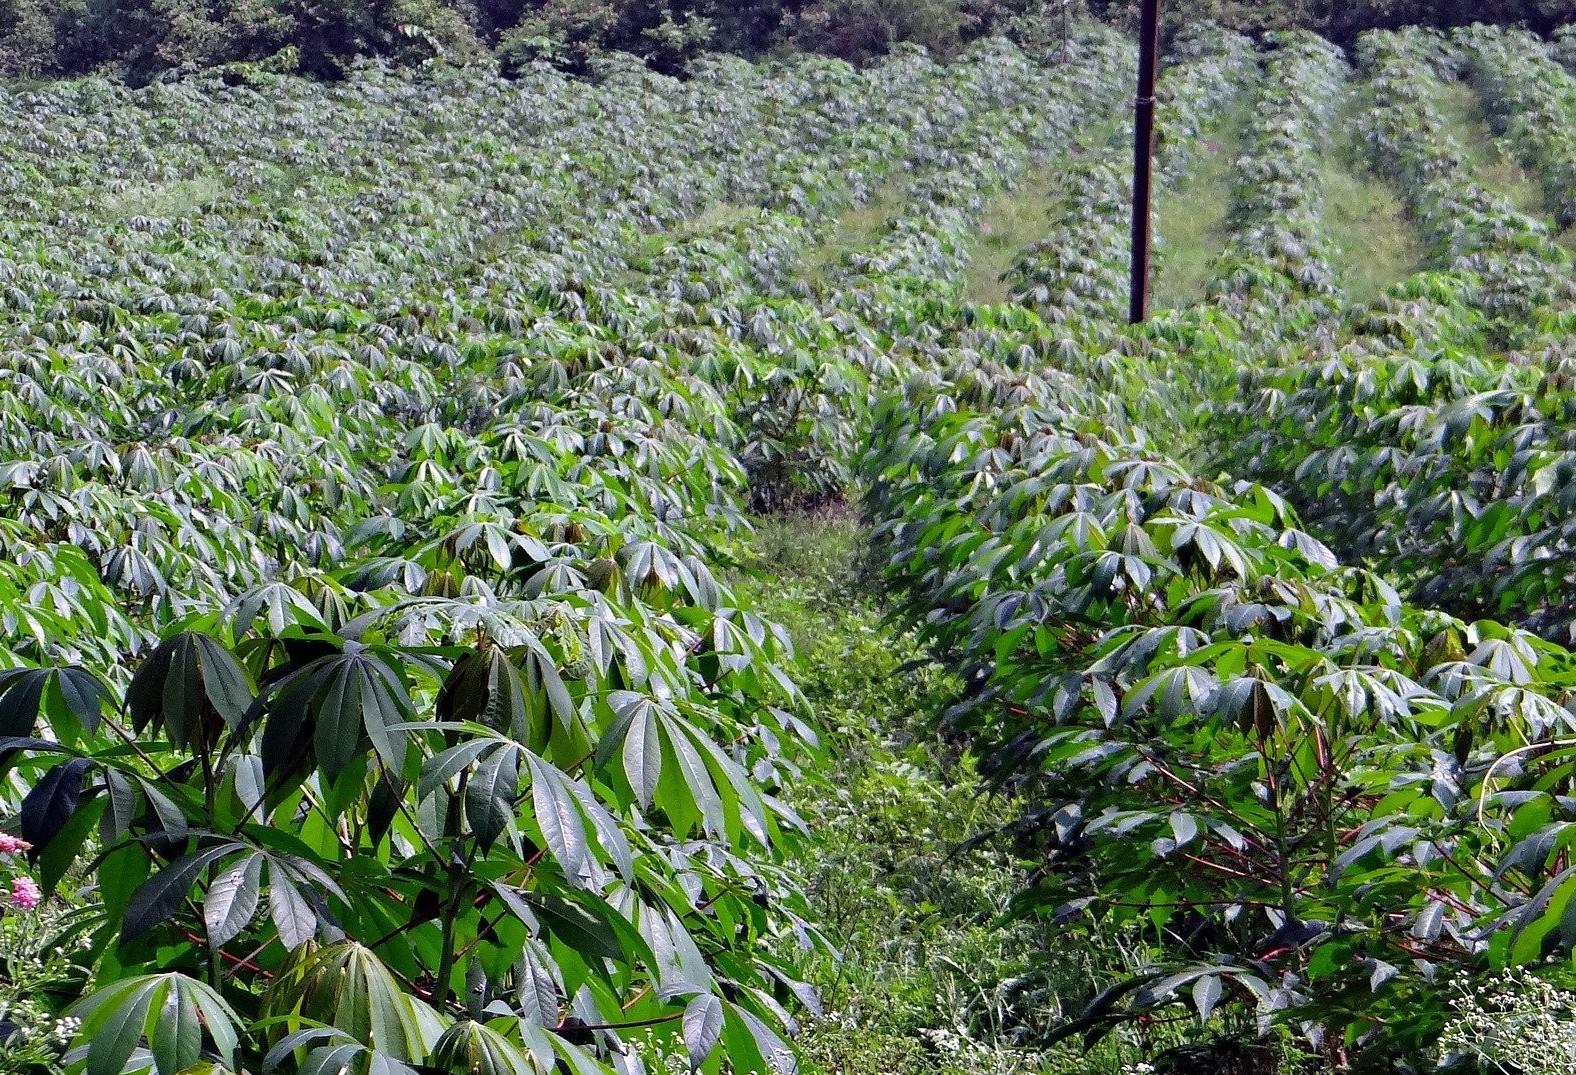 Produtores de raiz mandioca reclamam do alto custo de produção